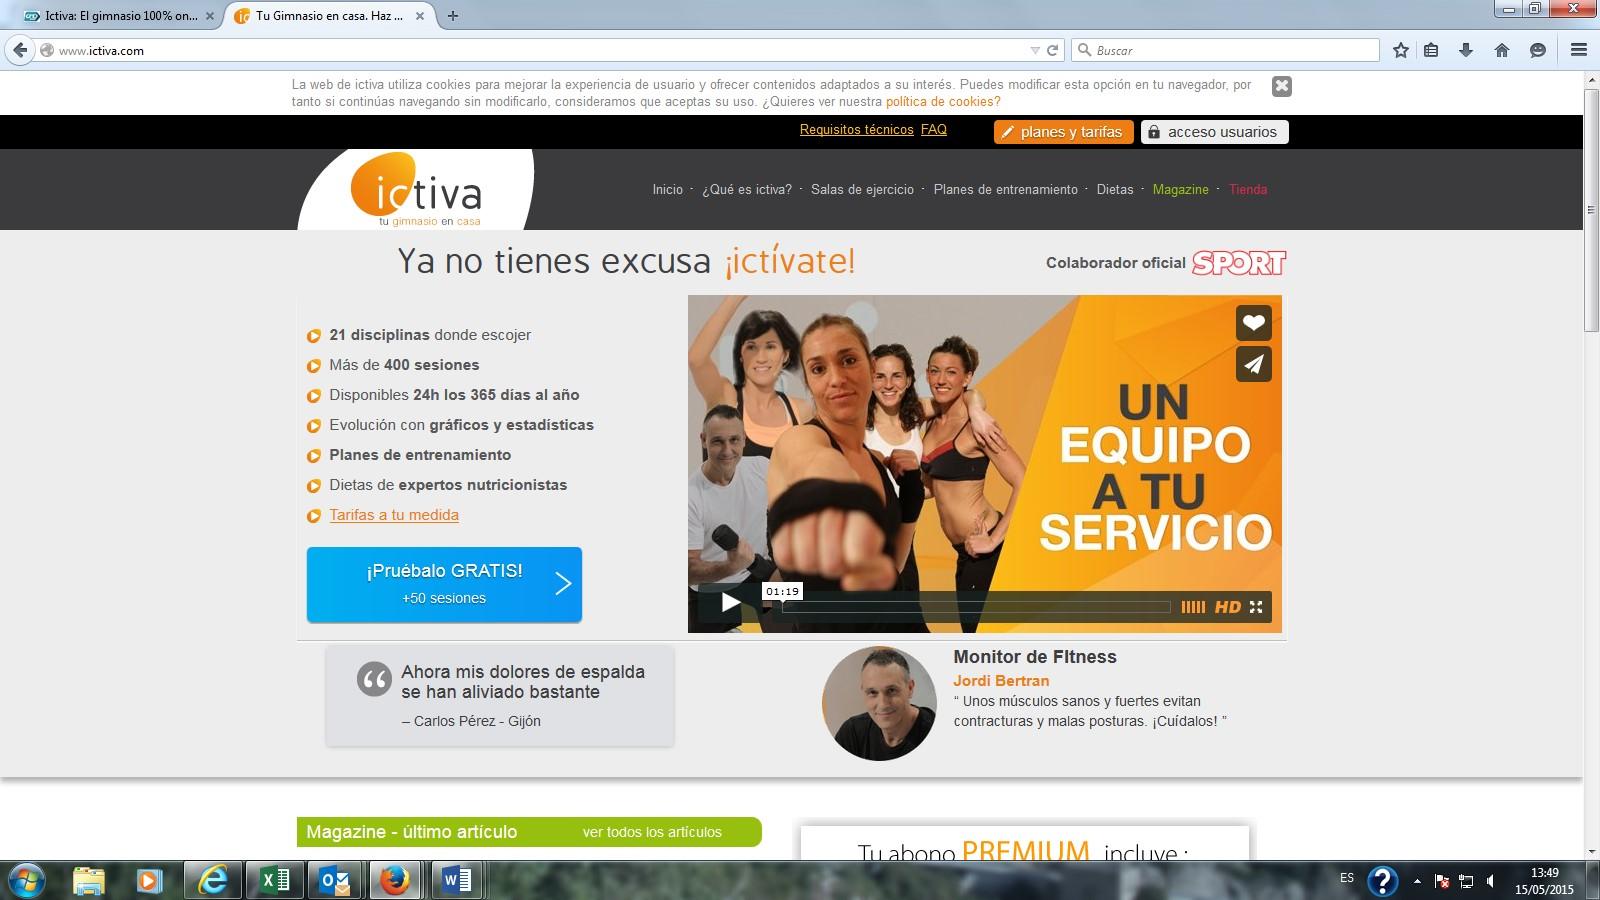 Ictiva: El gimnasio 100% online